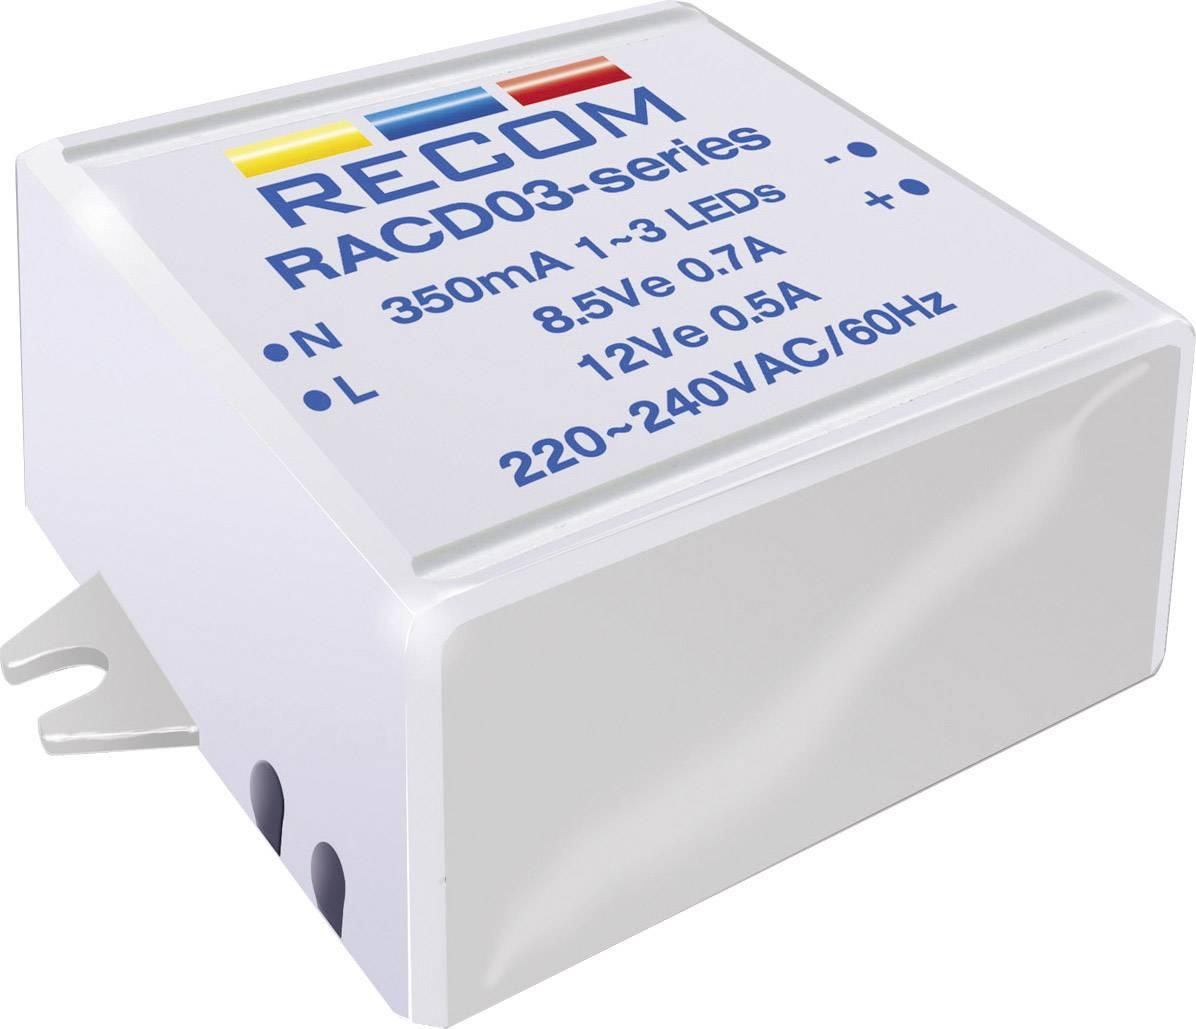 Konstantní zdroj proudu LED Recom Lighting RACD03-350, 350 mA, 90-264 V/AC